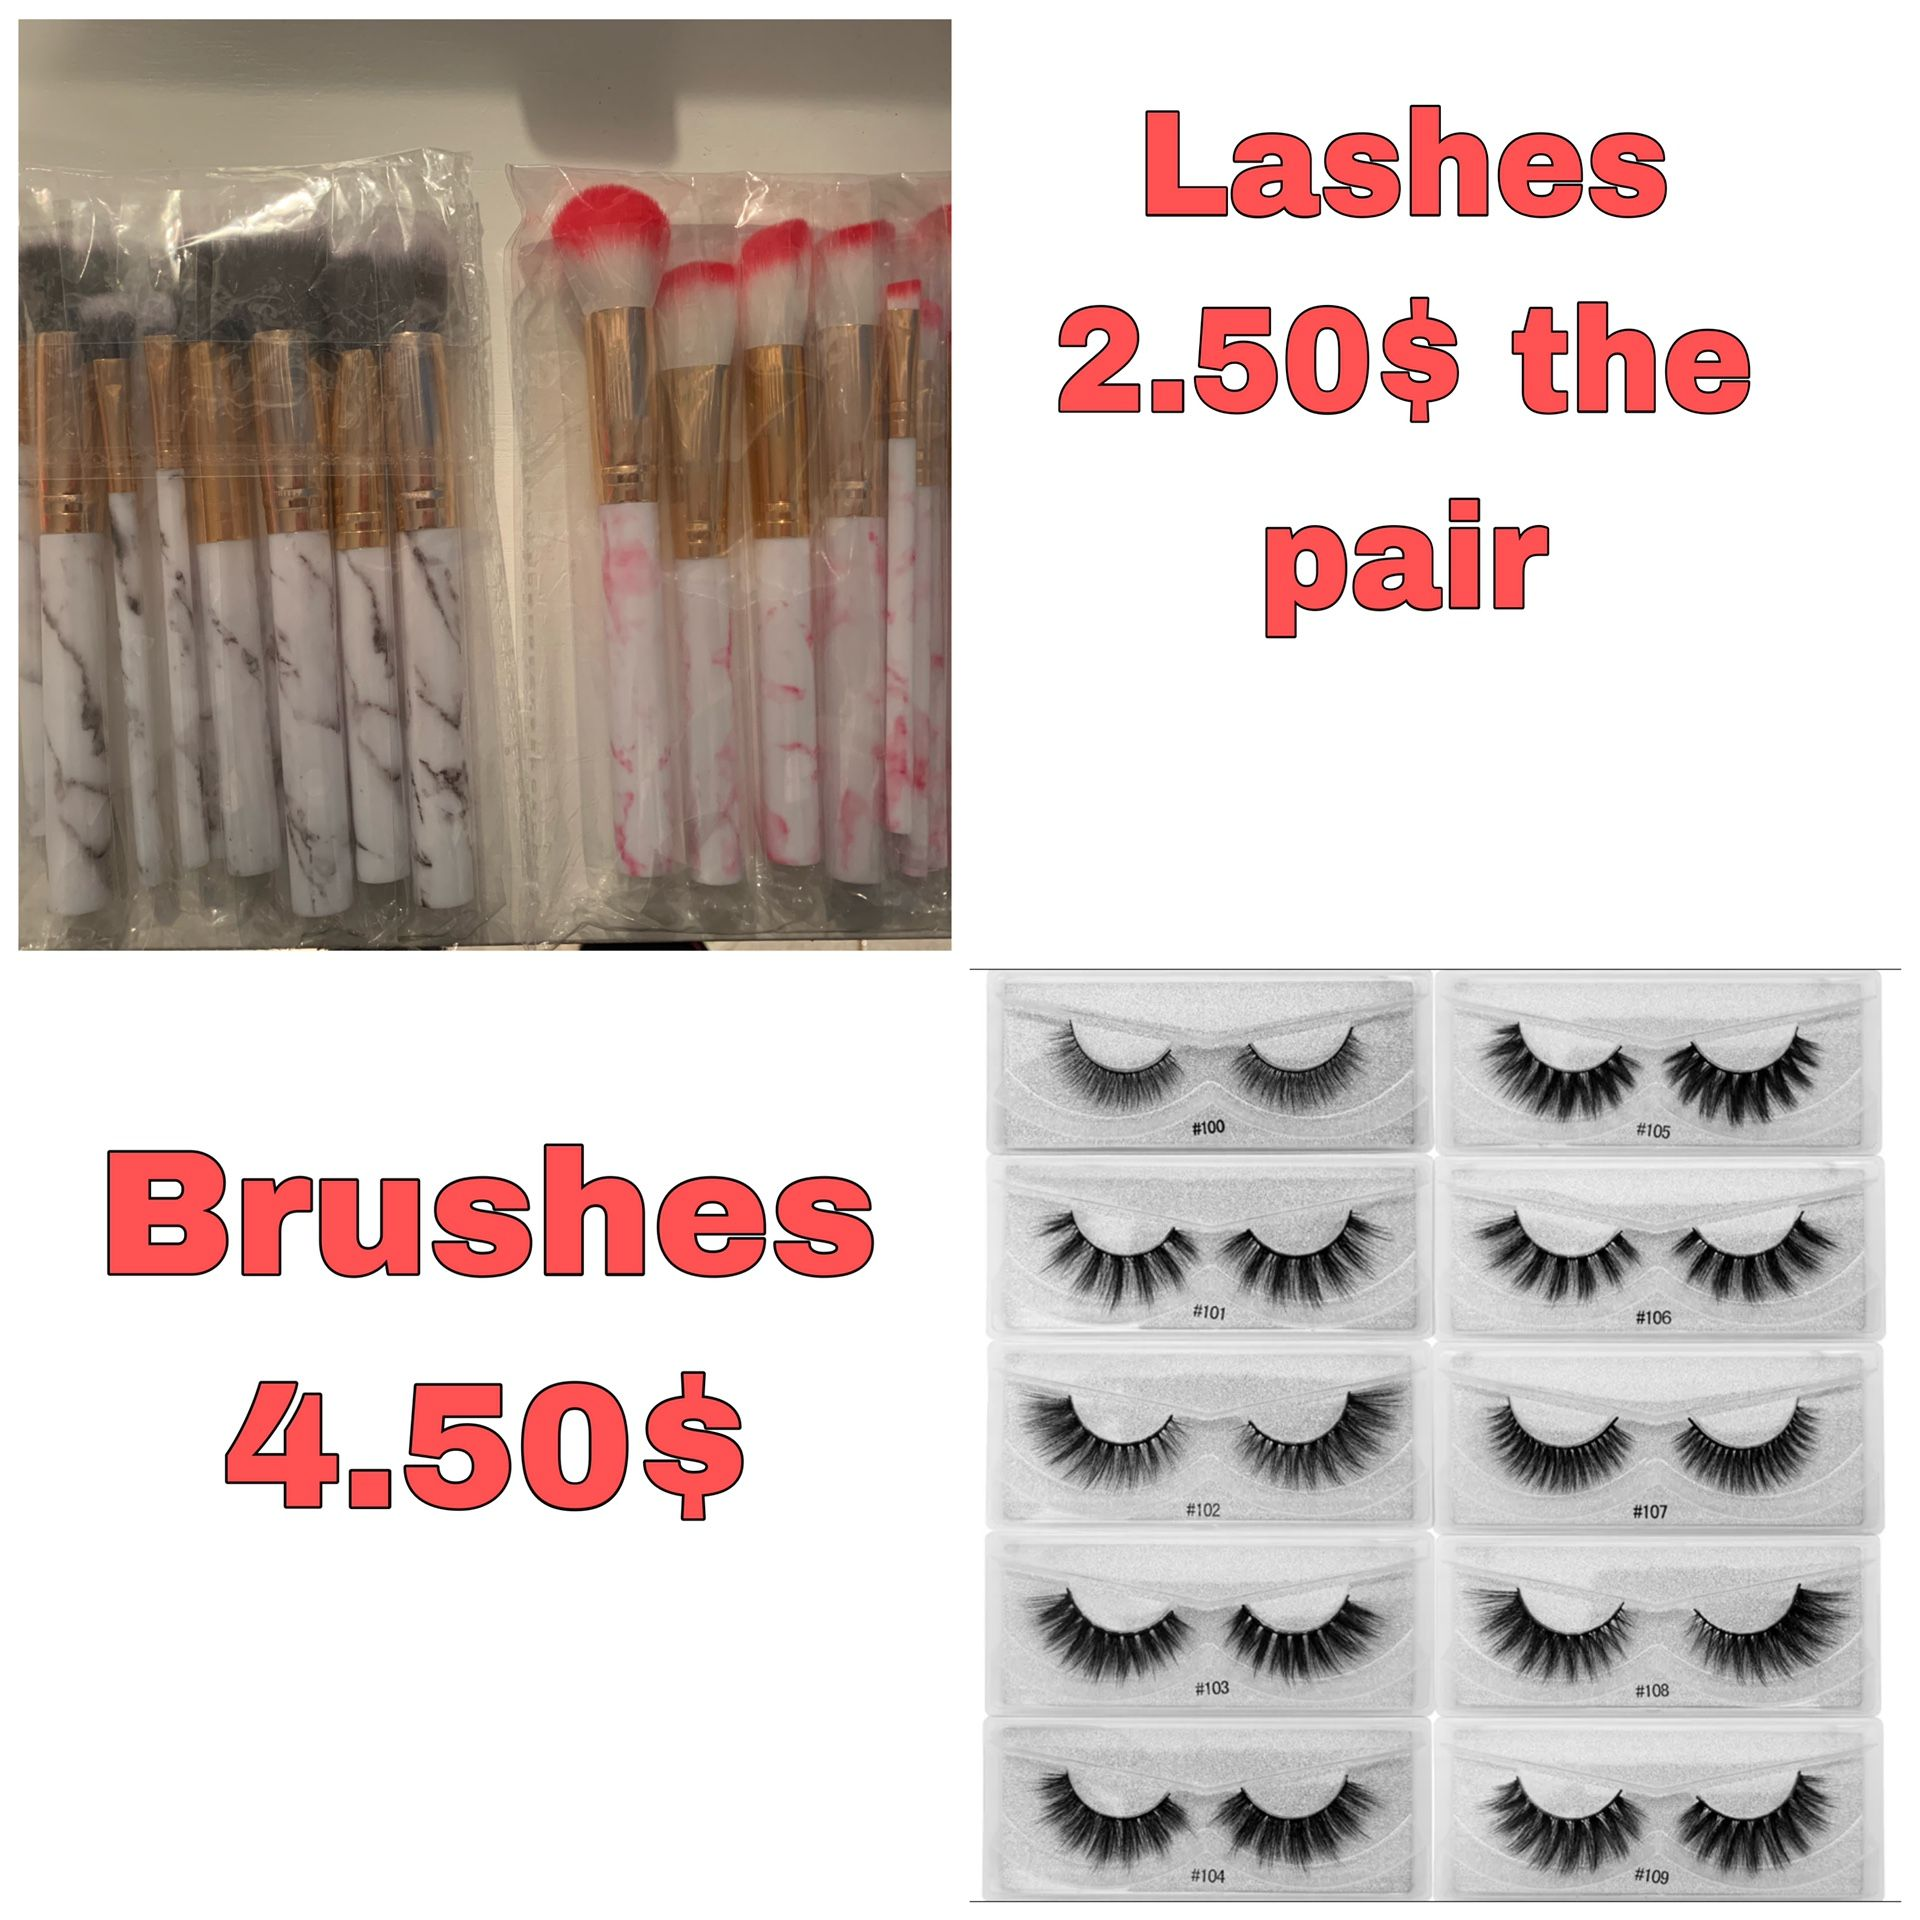 Eyelashes nd brushes